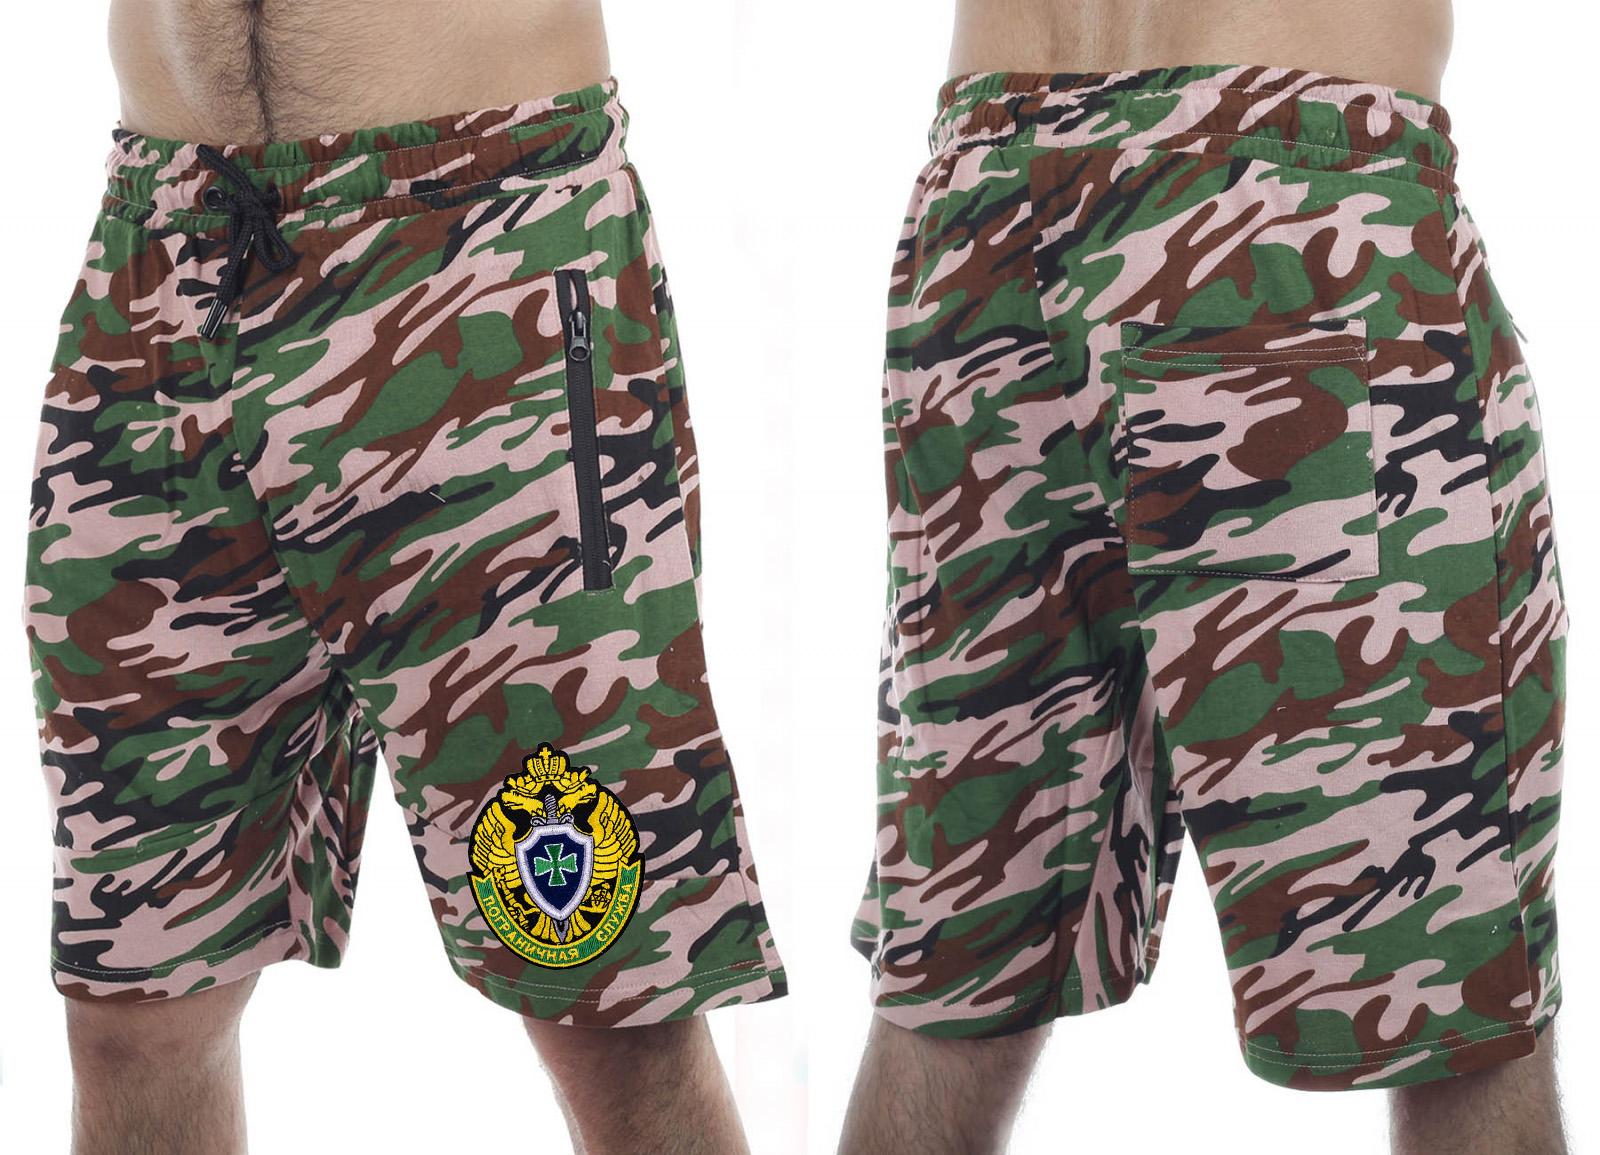 Мужские летние шорты с эмблемой Пограничной службы купить в подарок